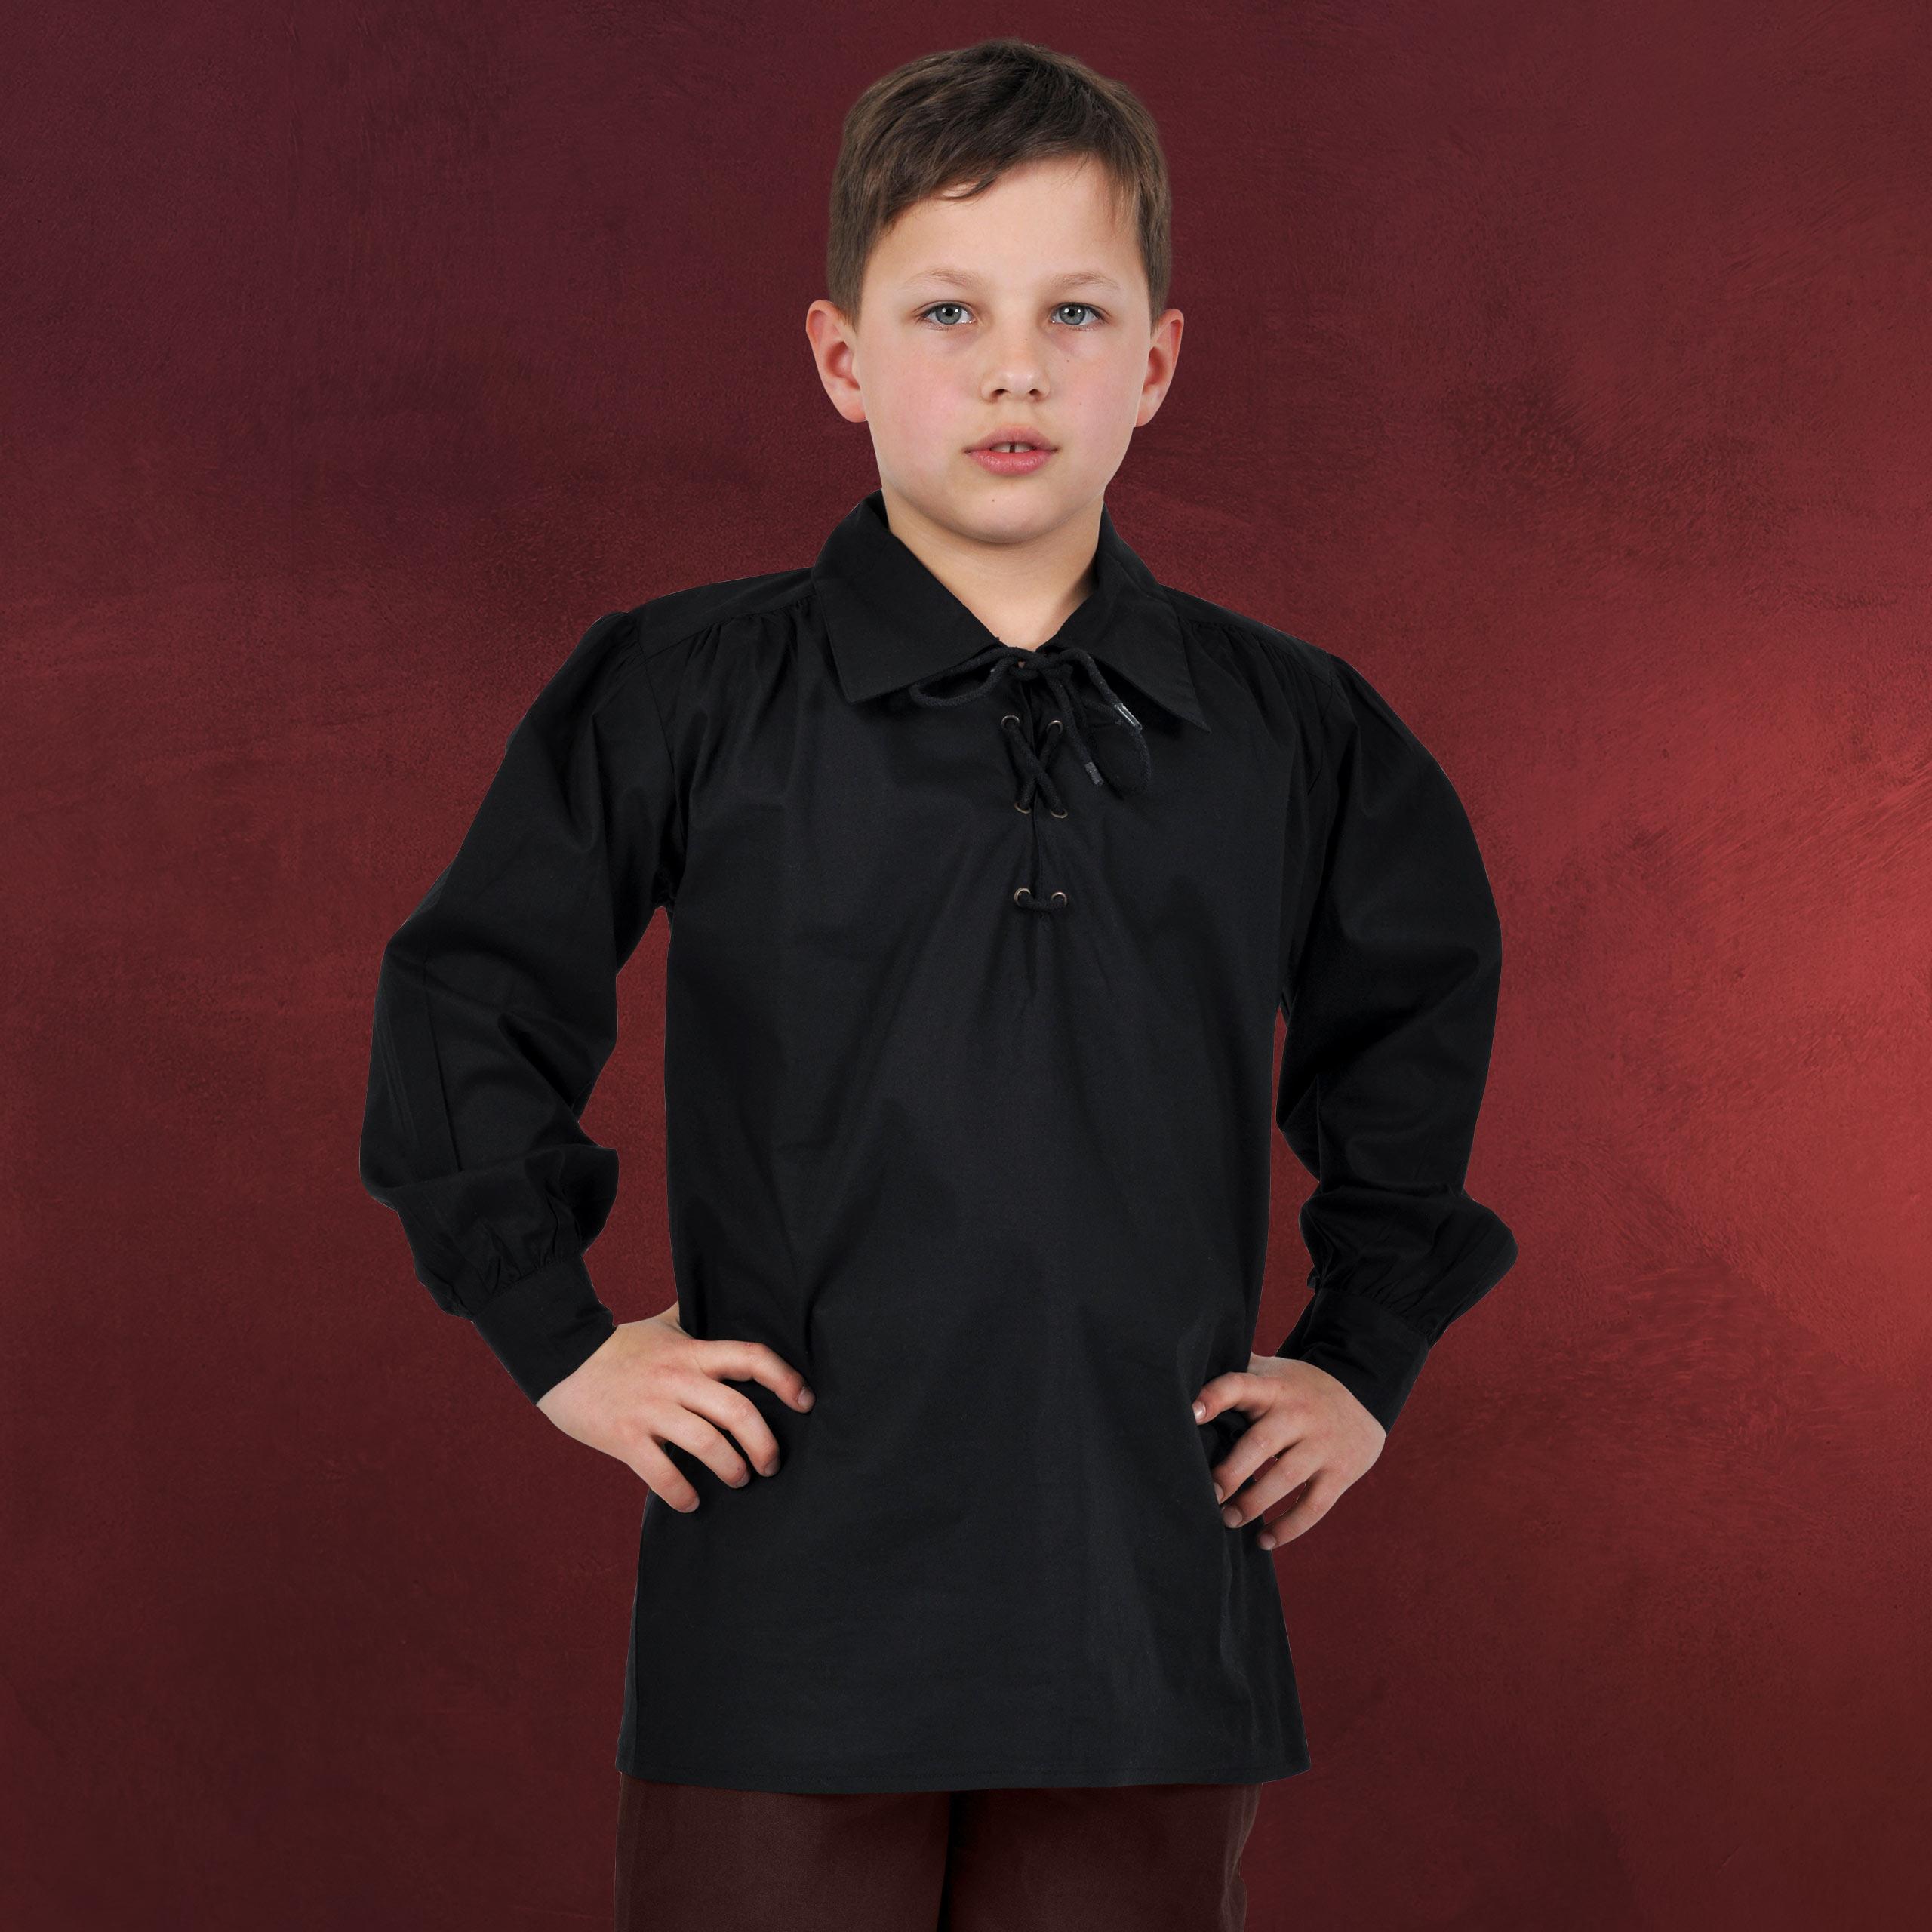 Mittelalter hemd für kinder schwarz baumwolle piraten ritter freizeit